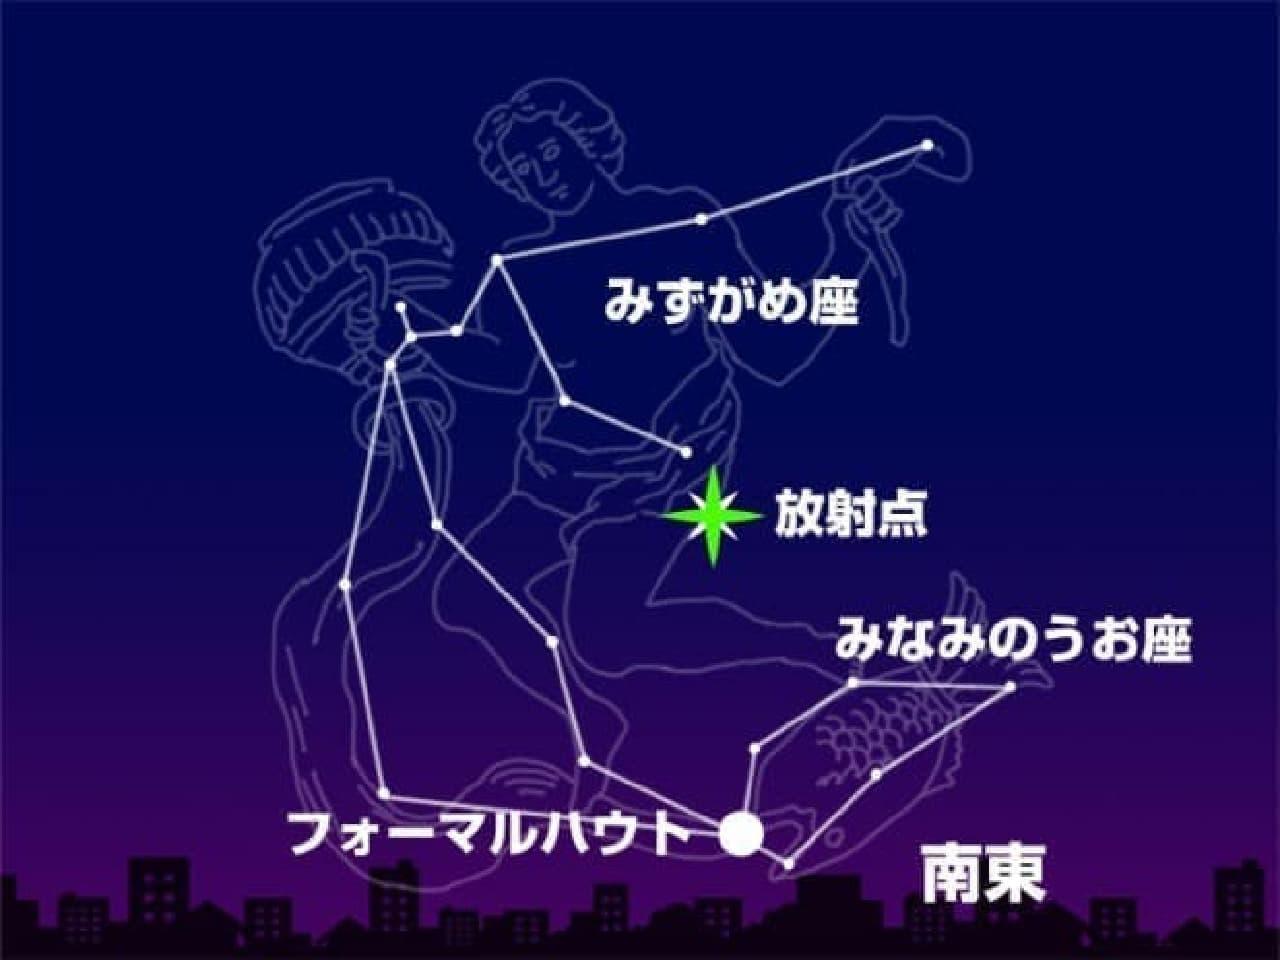 「みずがめ座デルタ(デルタ)南流星群」、今夜(7月30日)観測ピーク!